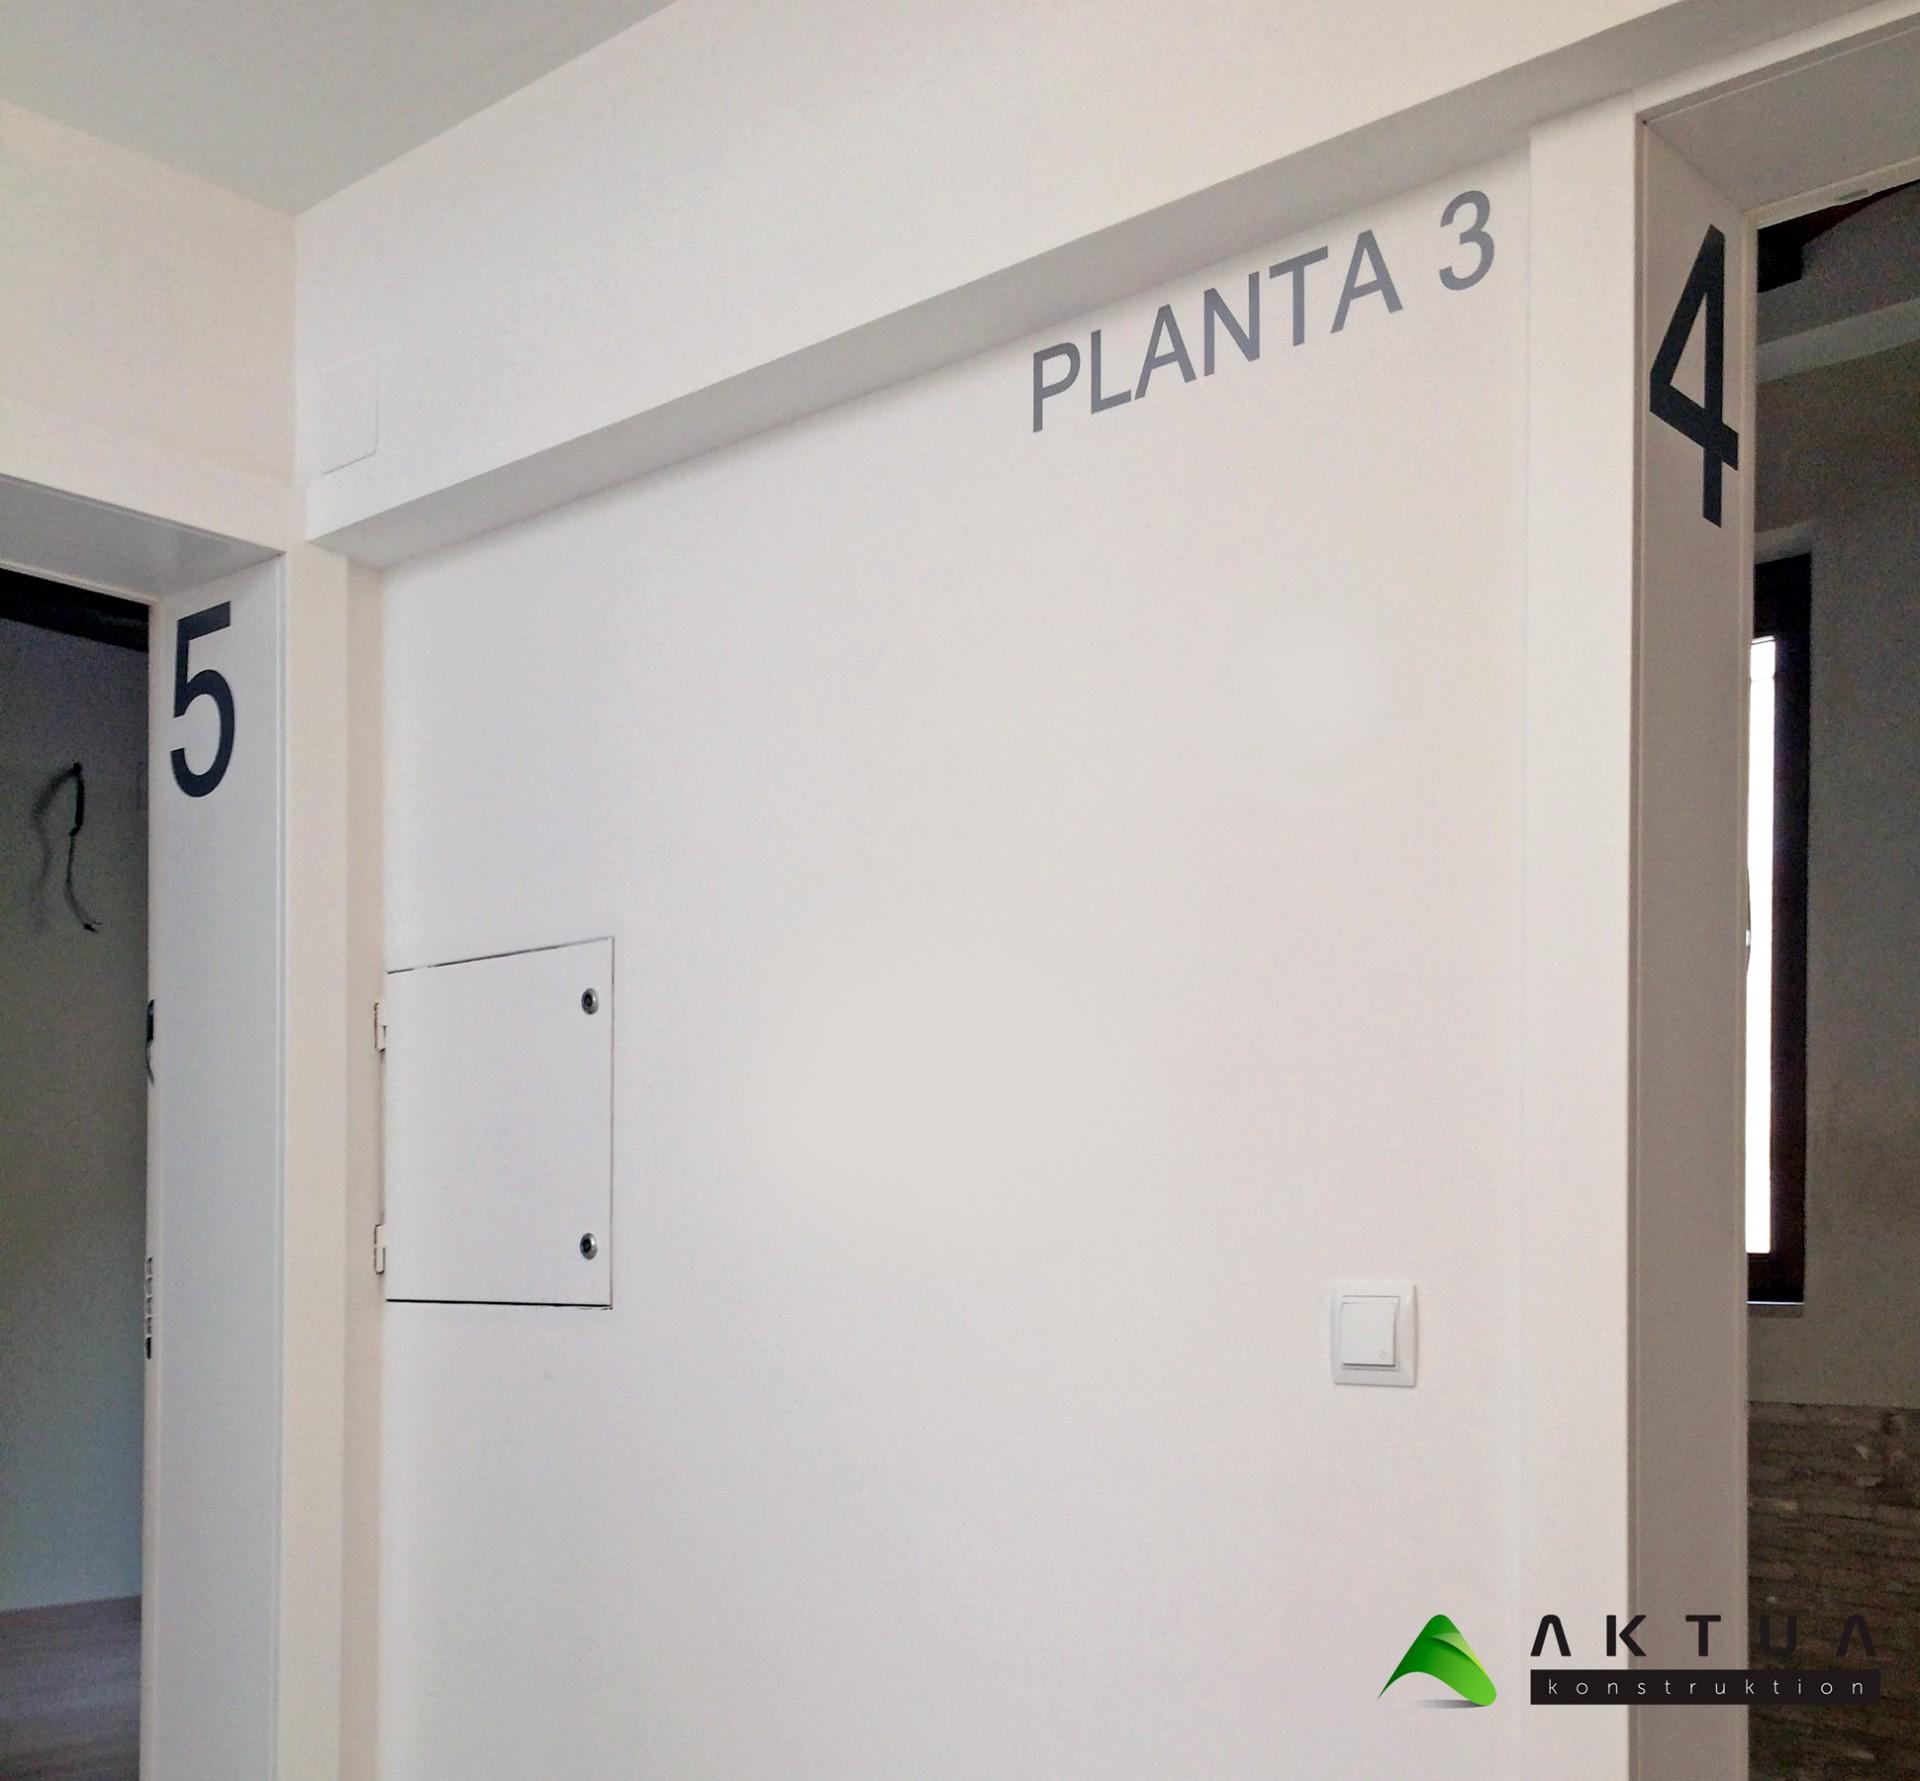 Ayudas a la rehabilitación de edificios 2017 Comunidad Valenciana